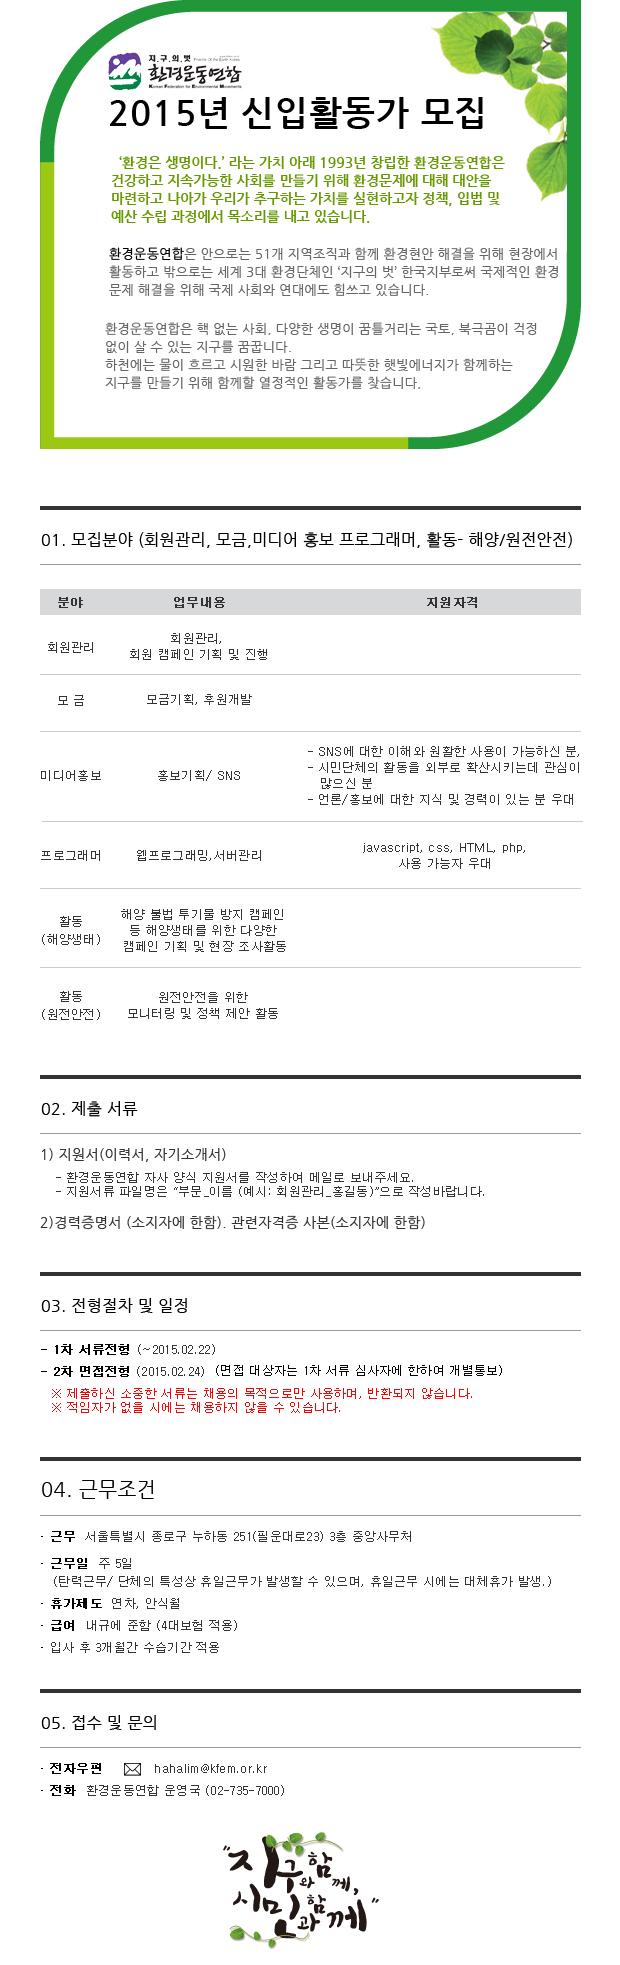 채용웹자보